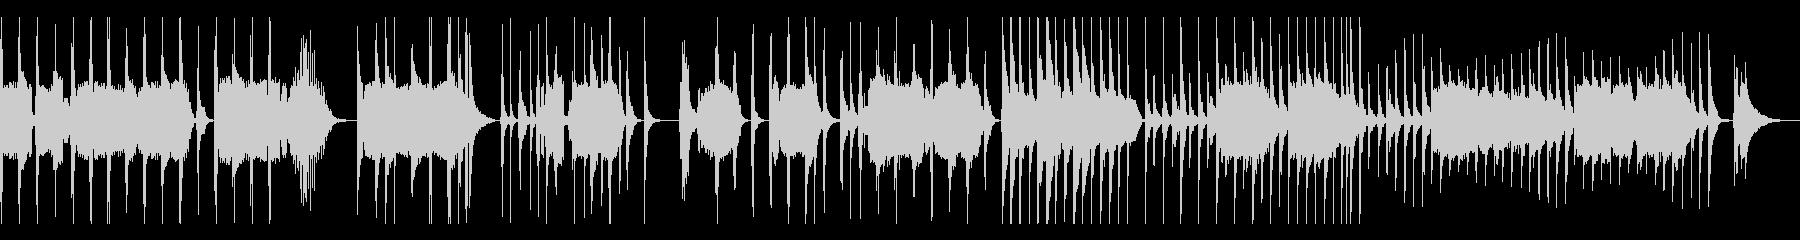 三味線,尺八,琴(箏)の厳かな純和風曲の未再生の波形